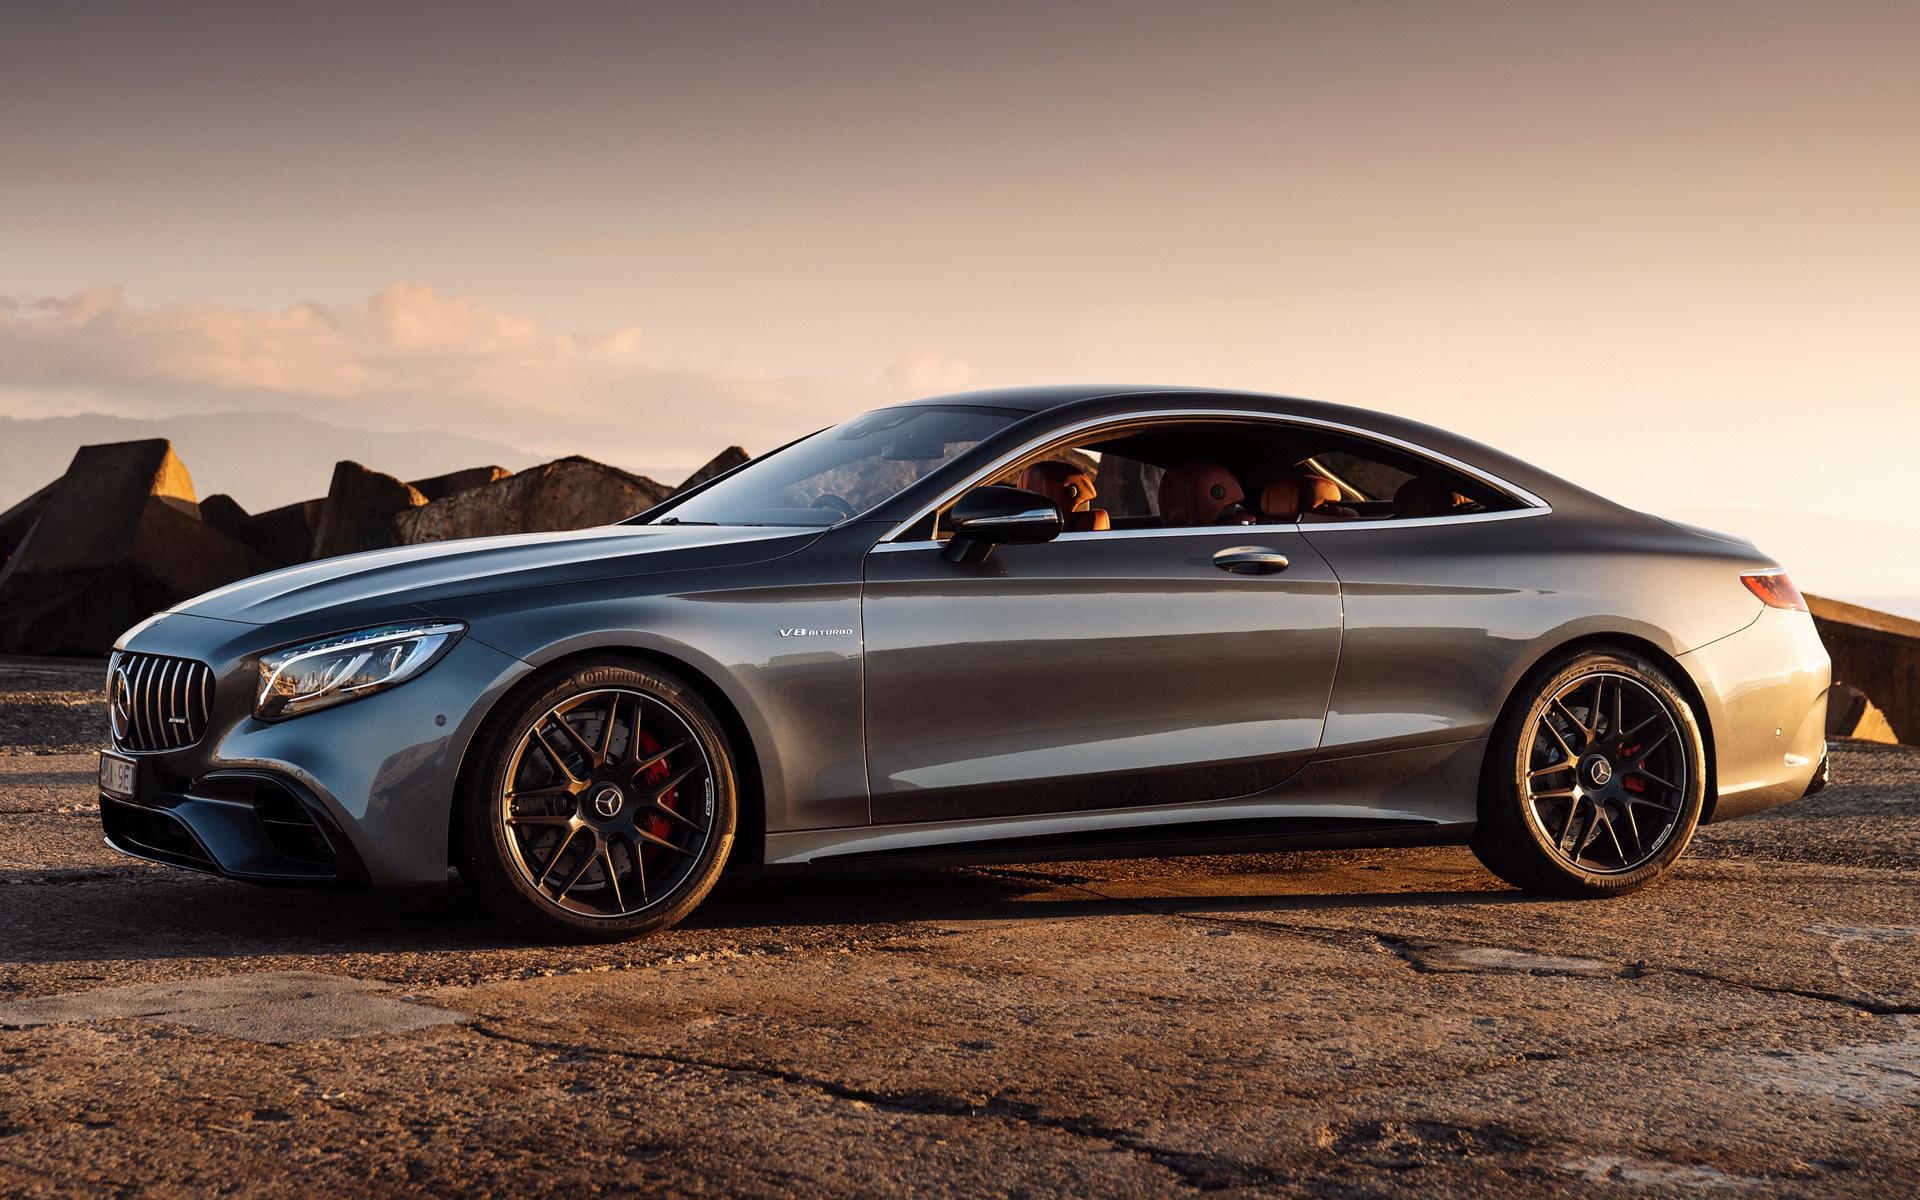 Mercedes S63 Amg Coupe >> 2018 Mercedes-AMG S 63 Coupe (AU) - Fonds d'écran et ...